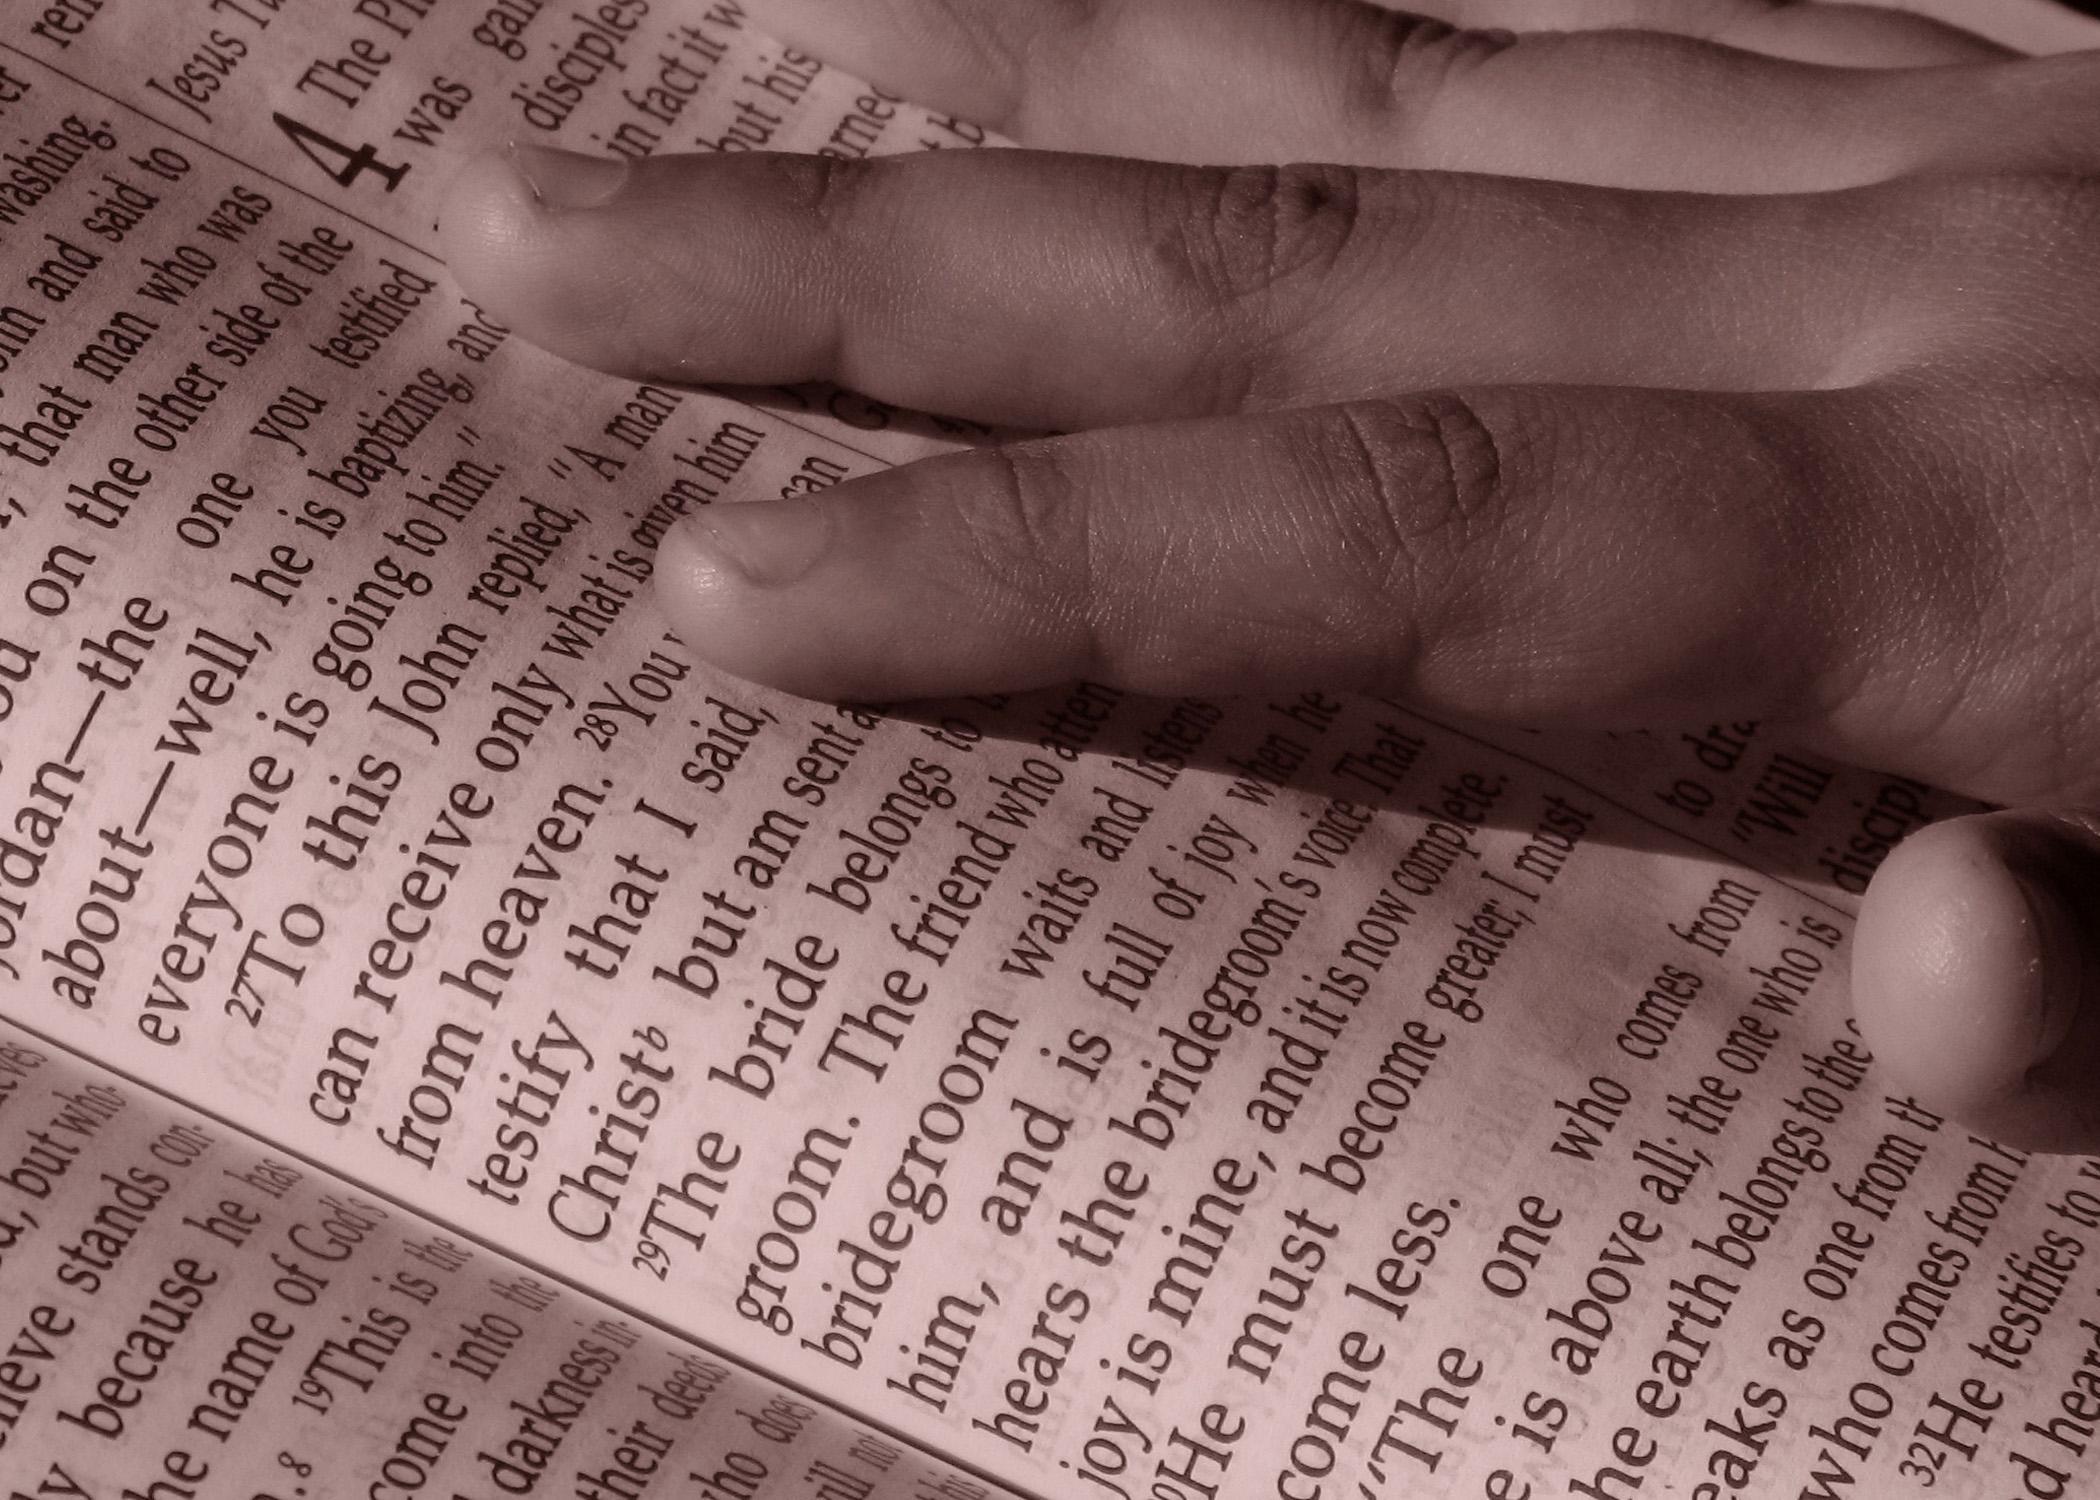 1167175 25537056 - Čtyři duchovní zákony